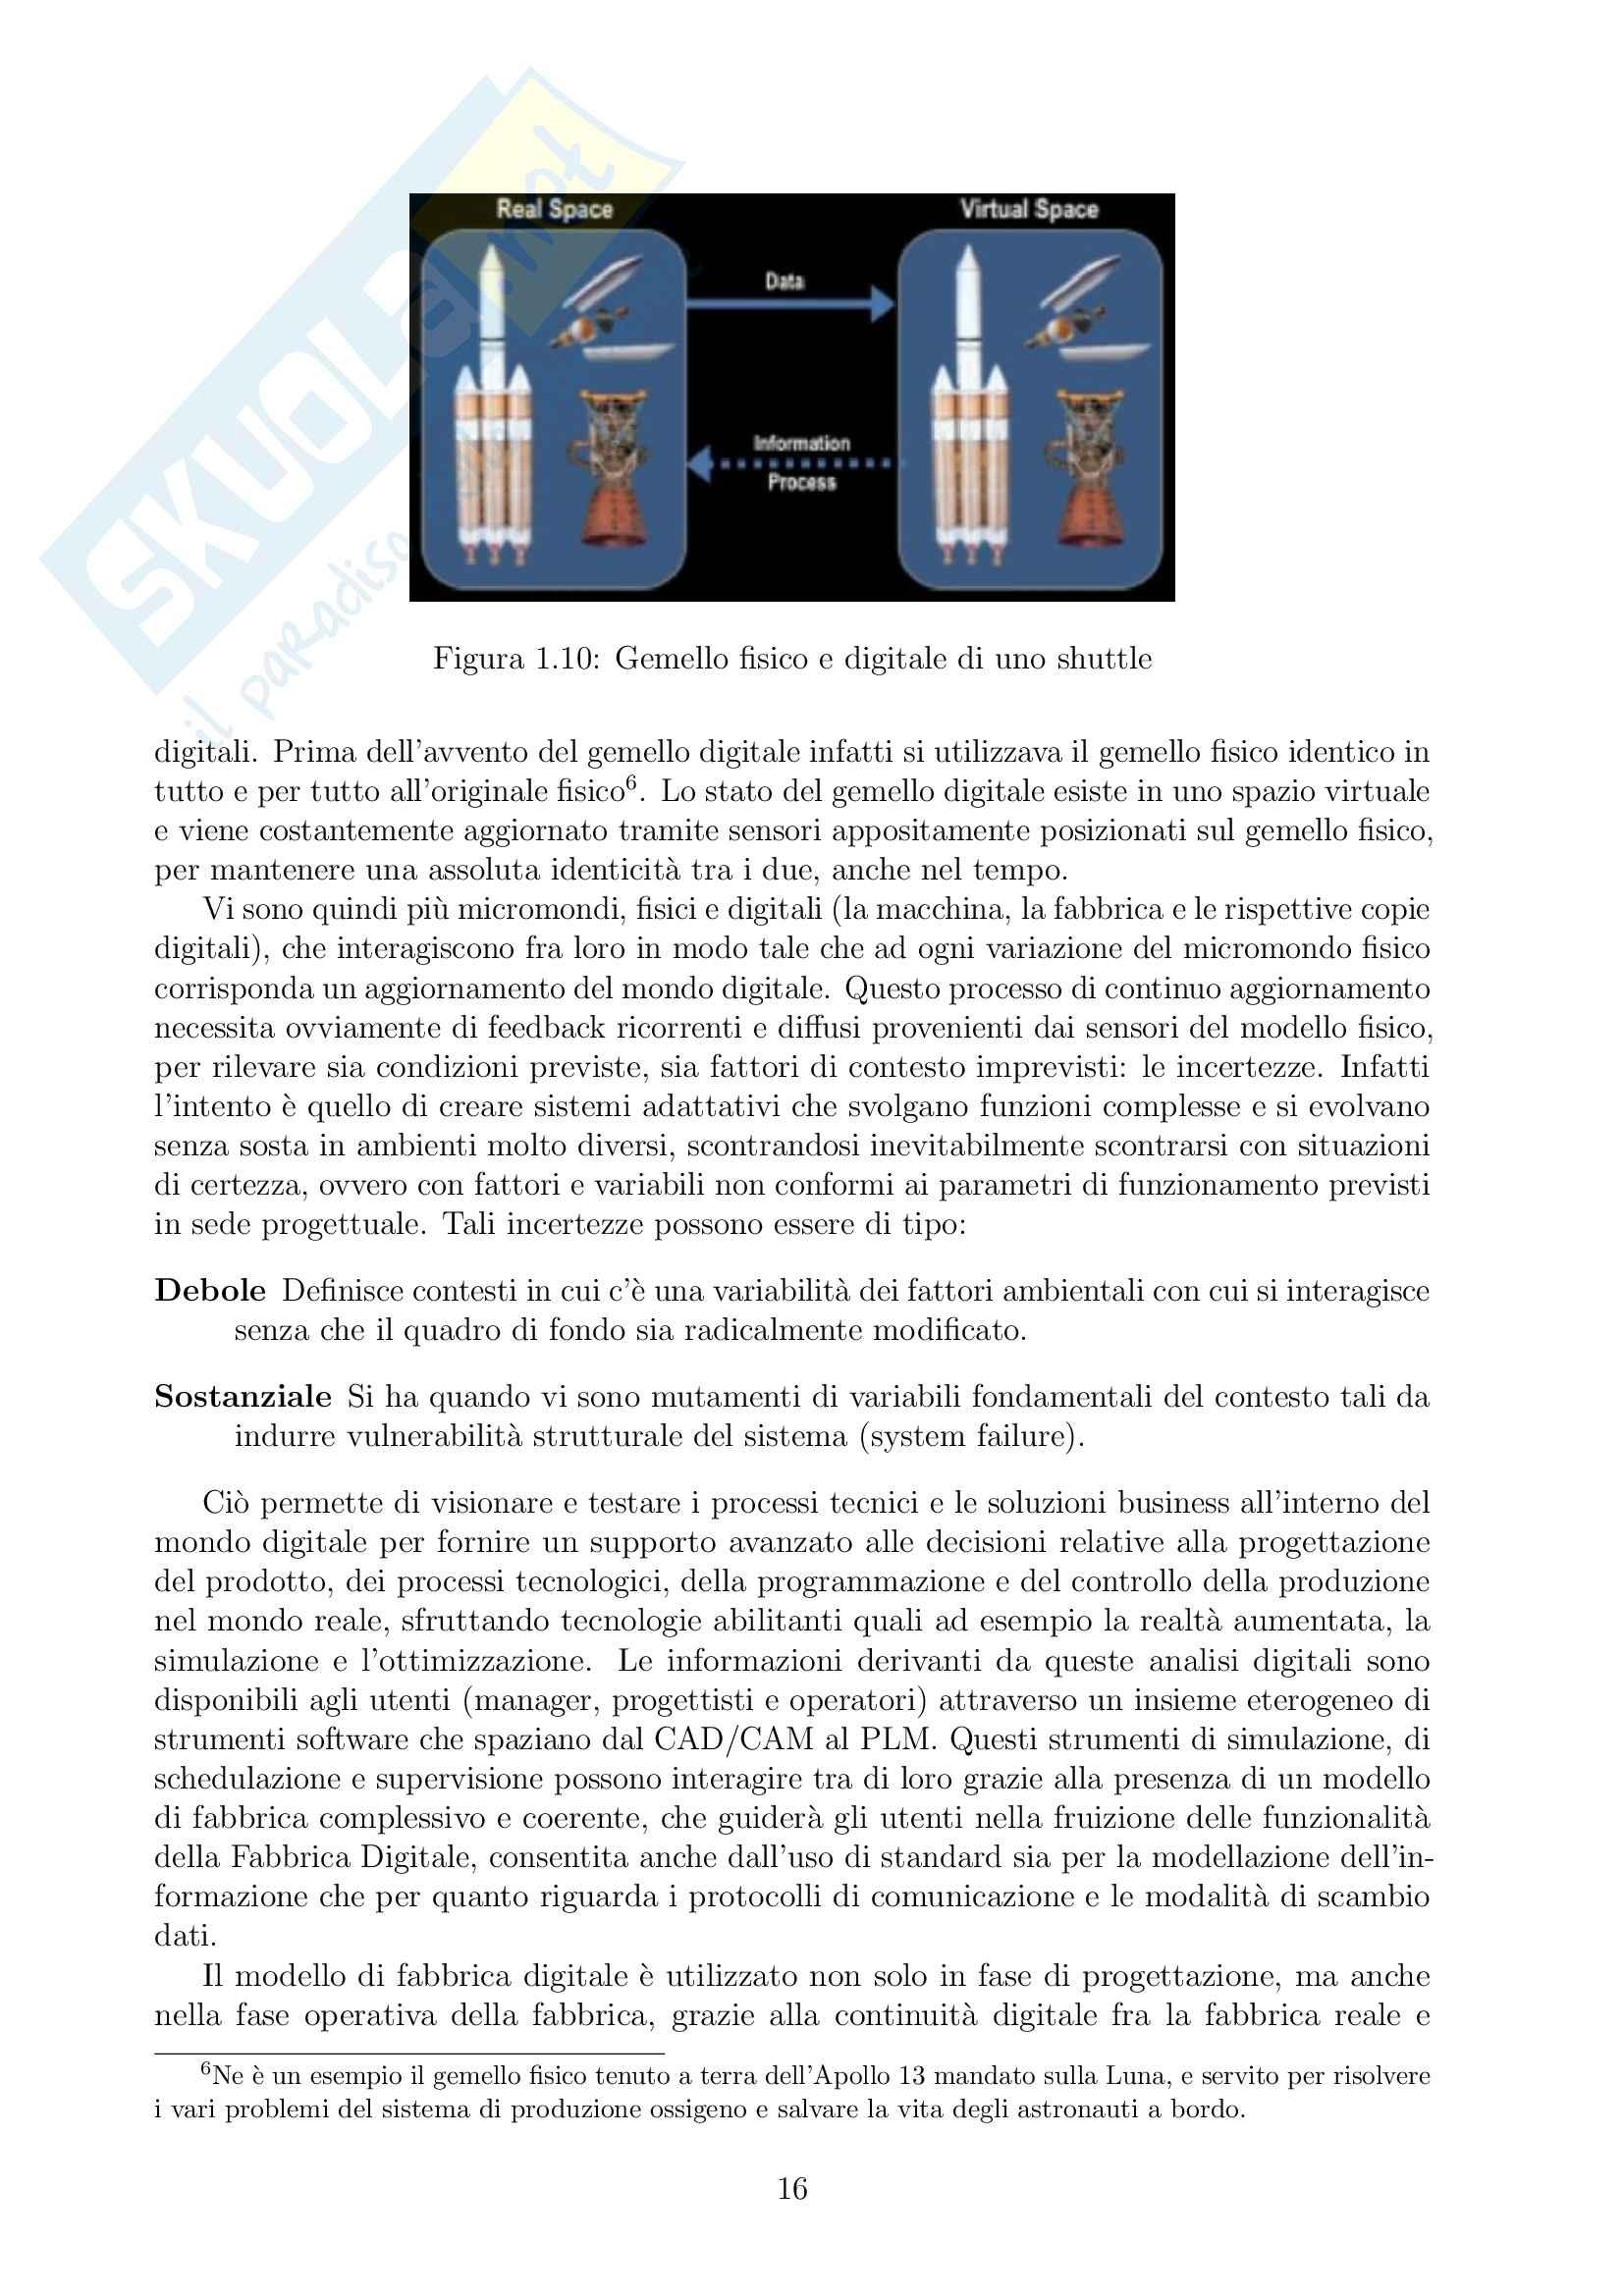 Appunti di Produzione Avanzata nella Fabbrica Digitale + Progetto completo [PAFD - ex PAC] Pag. 16